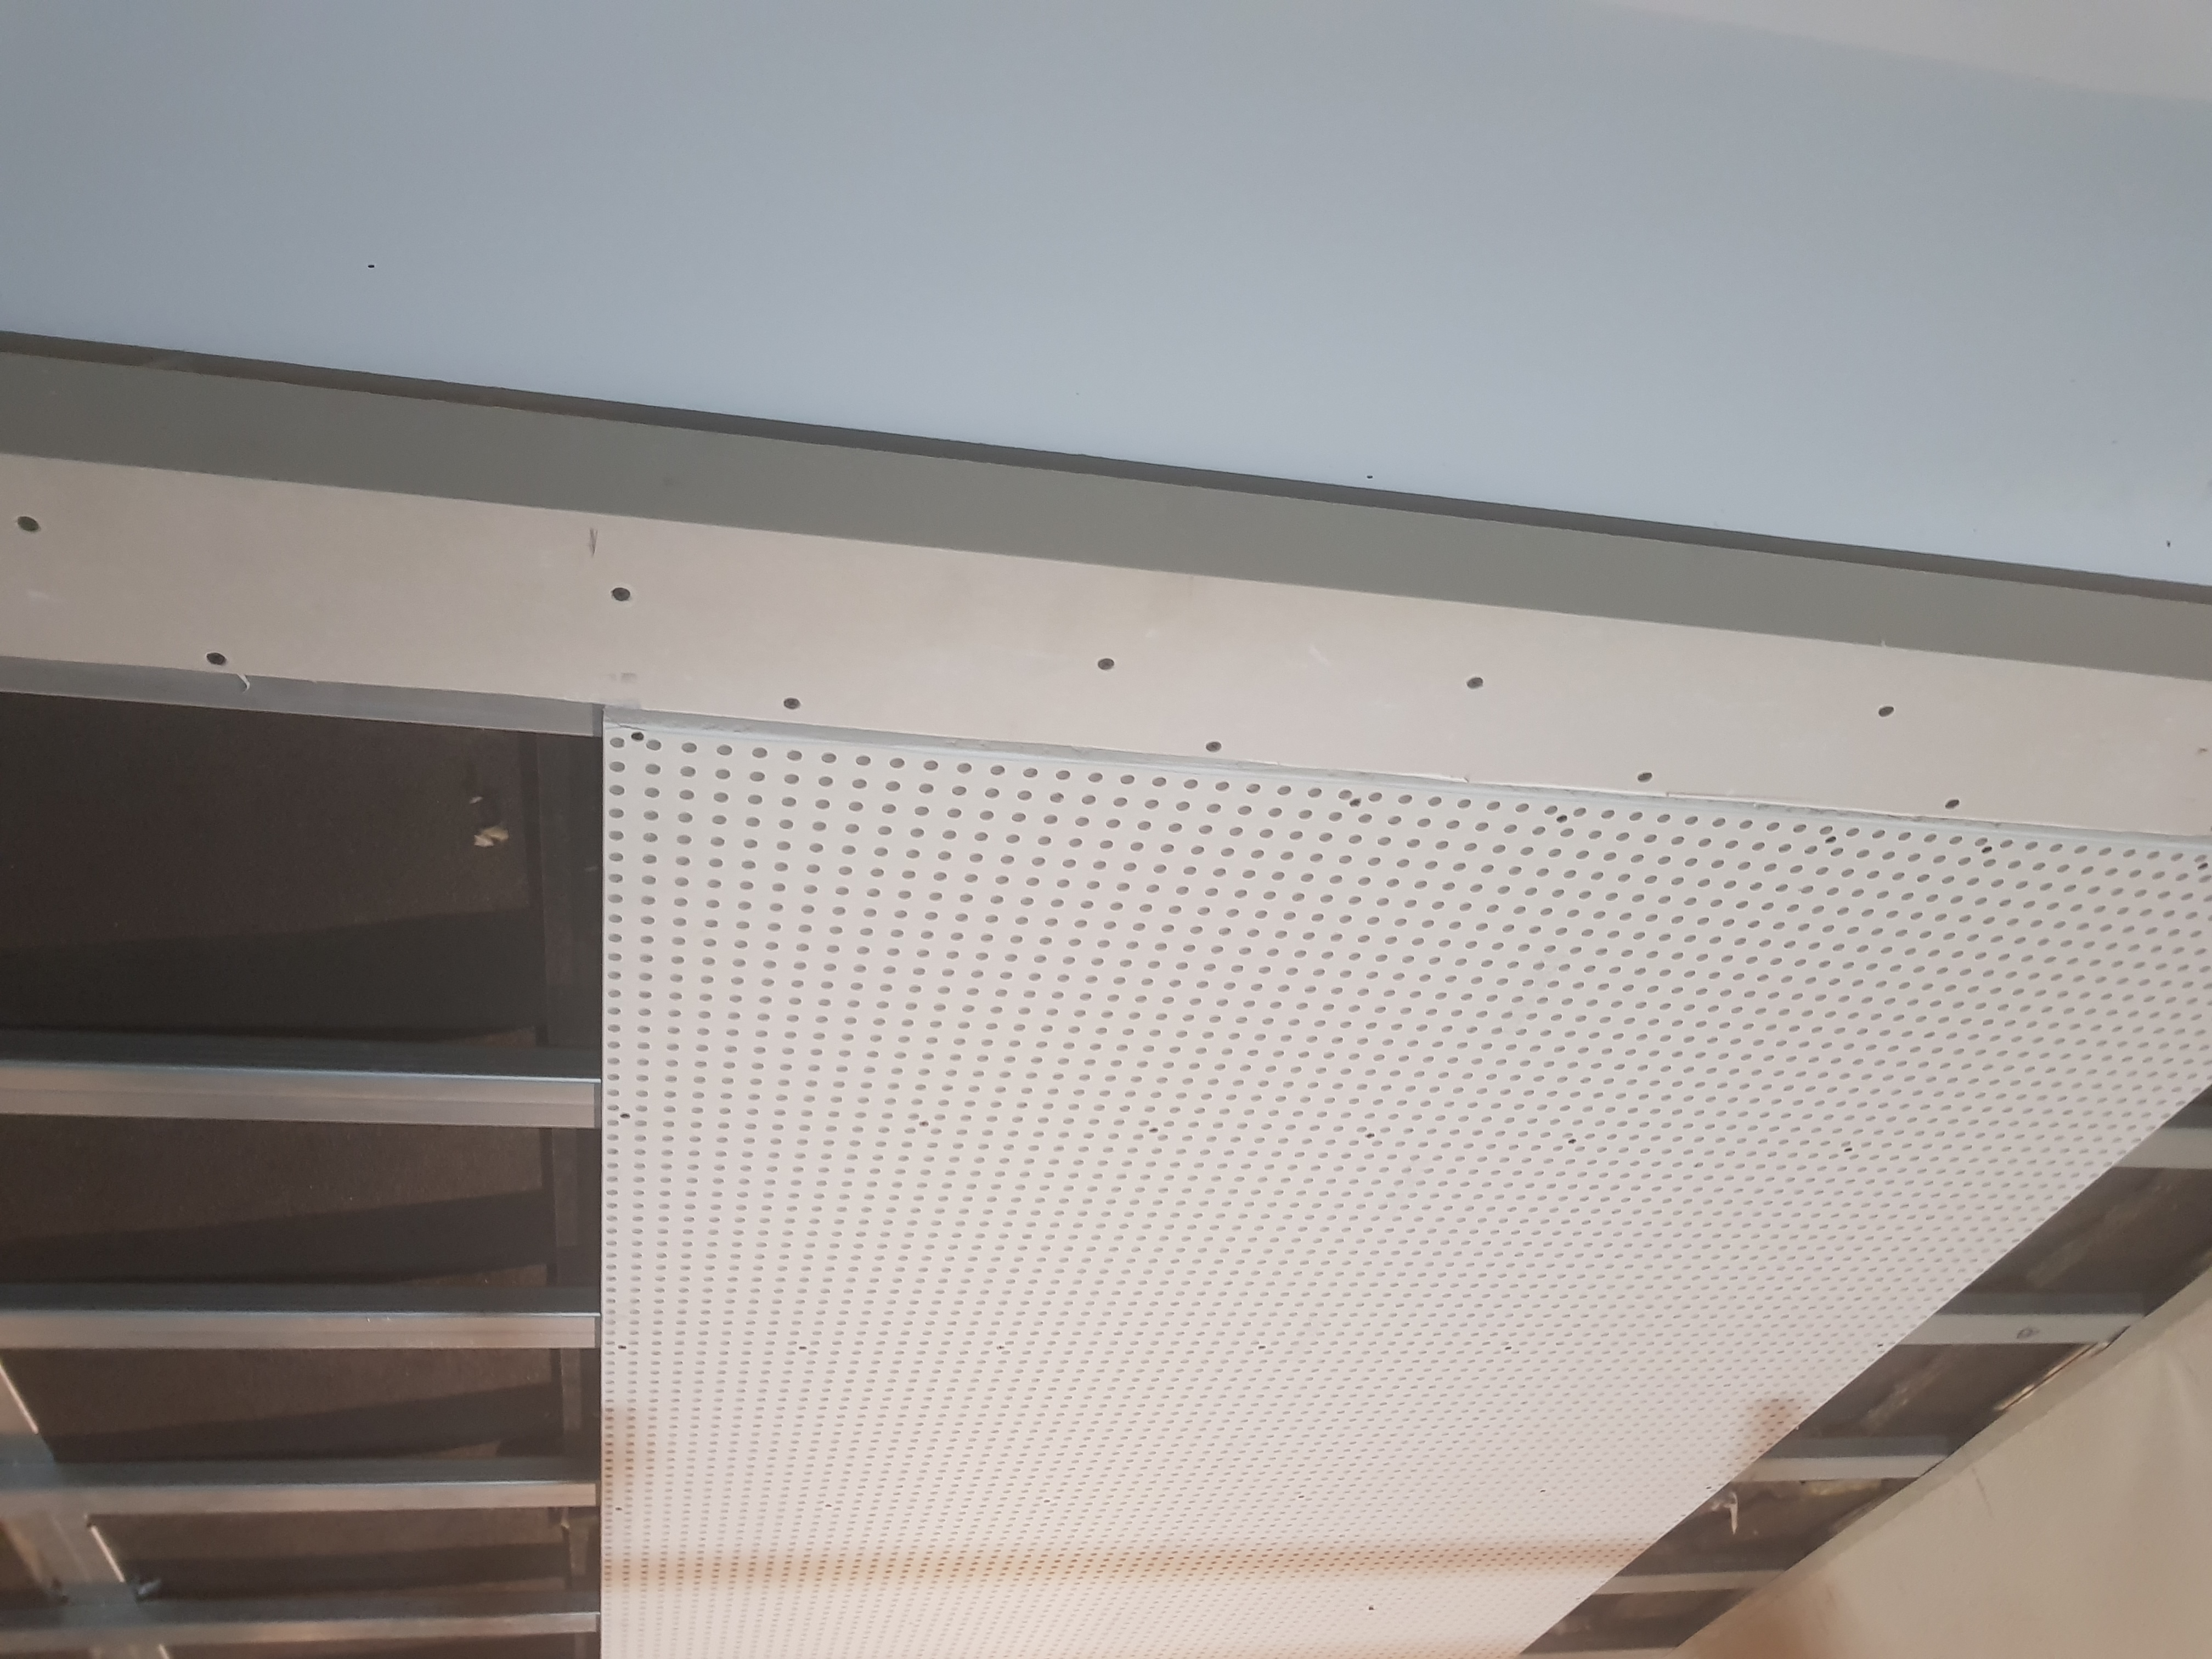 Akustik FF Lochplatten (23)